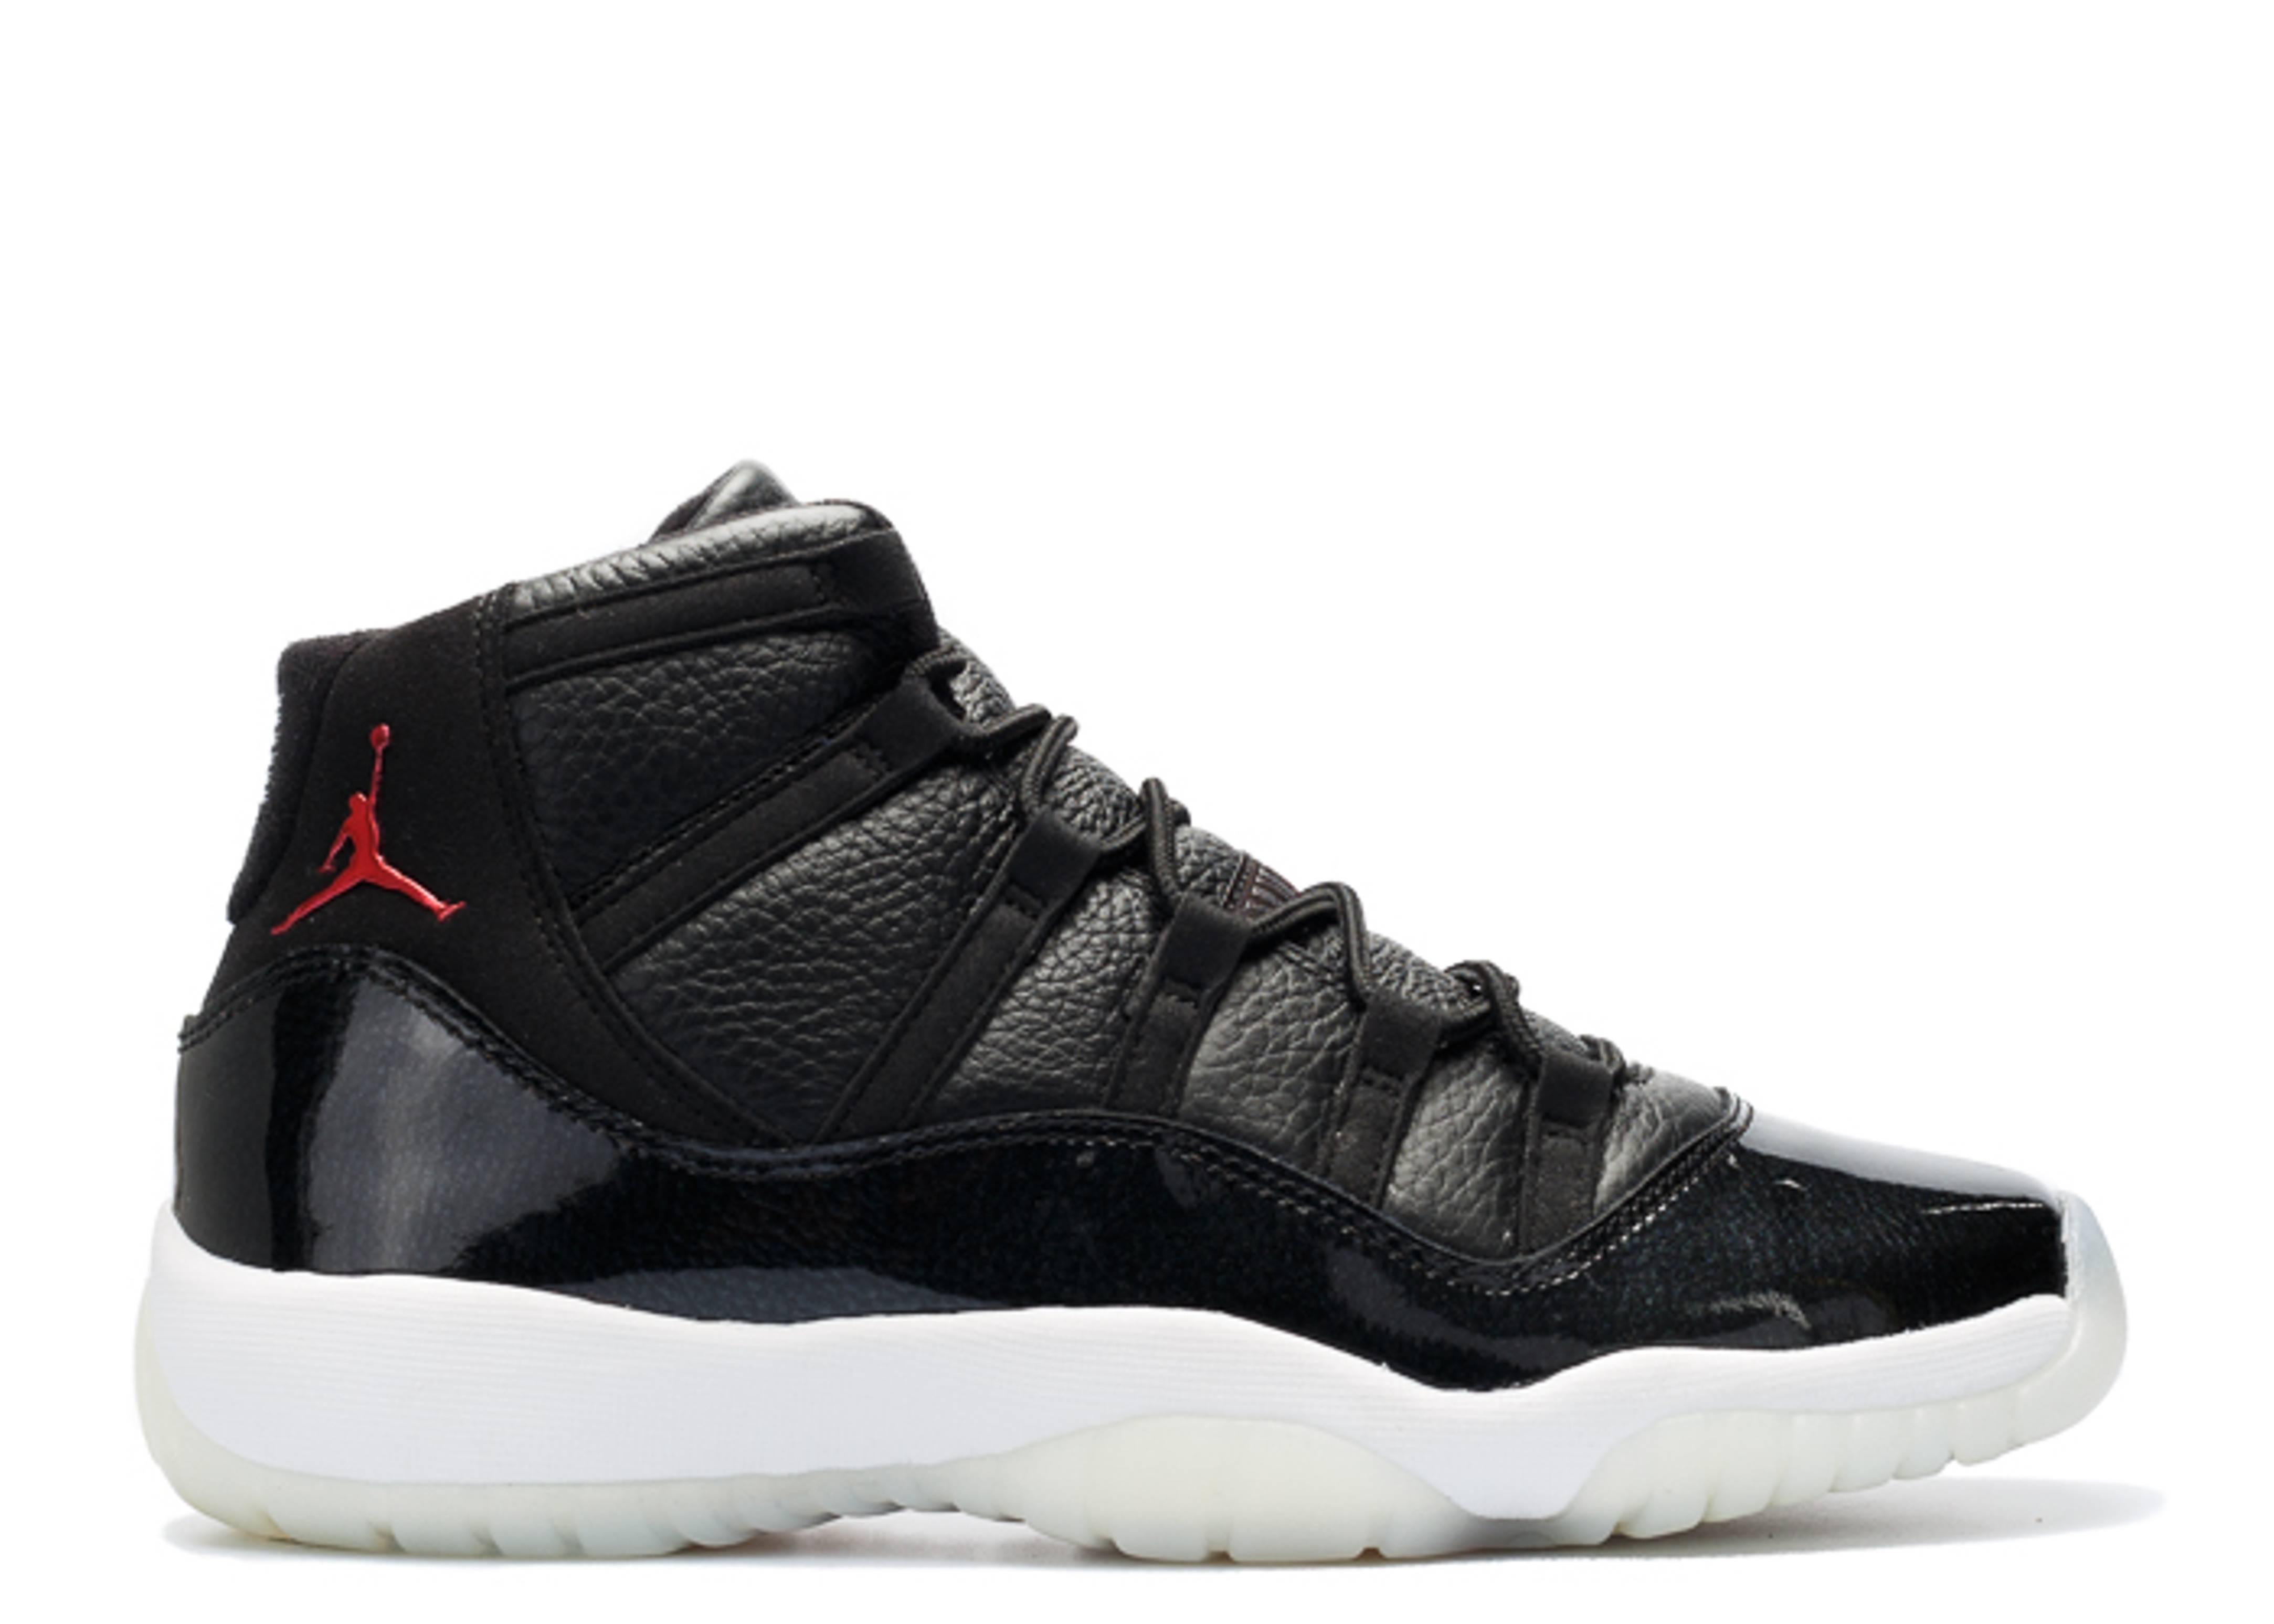 Jordan 11 Bred High